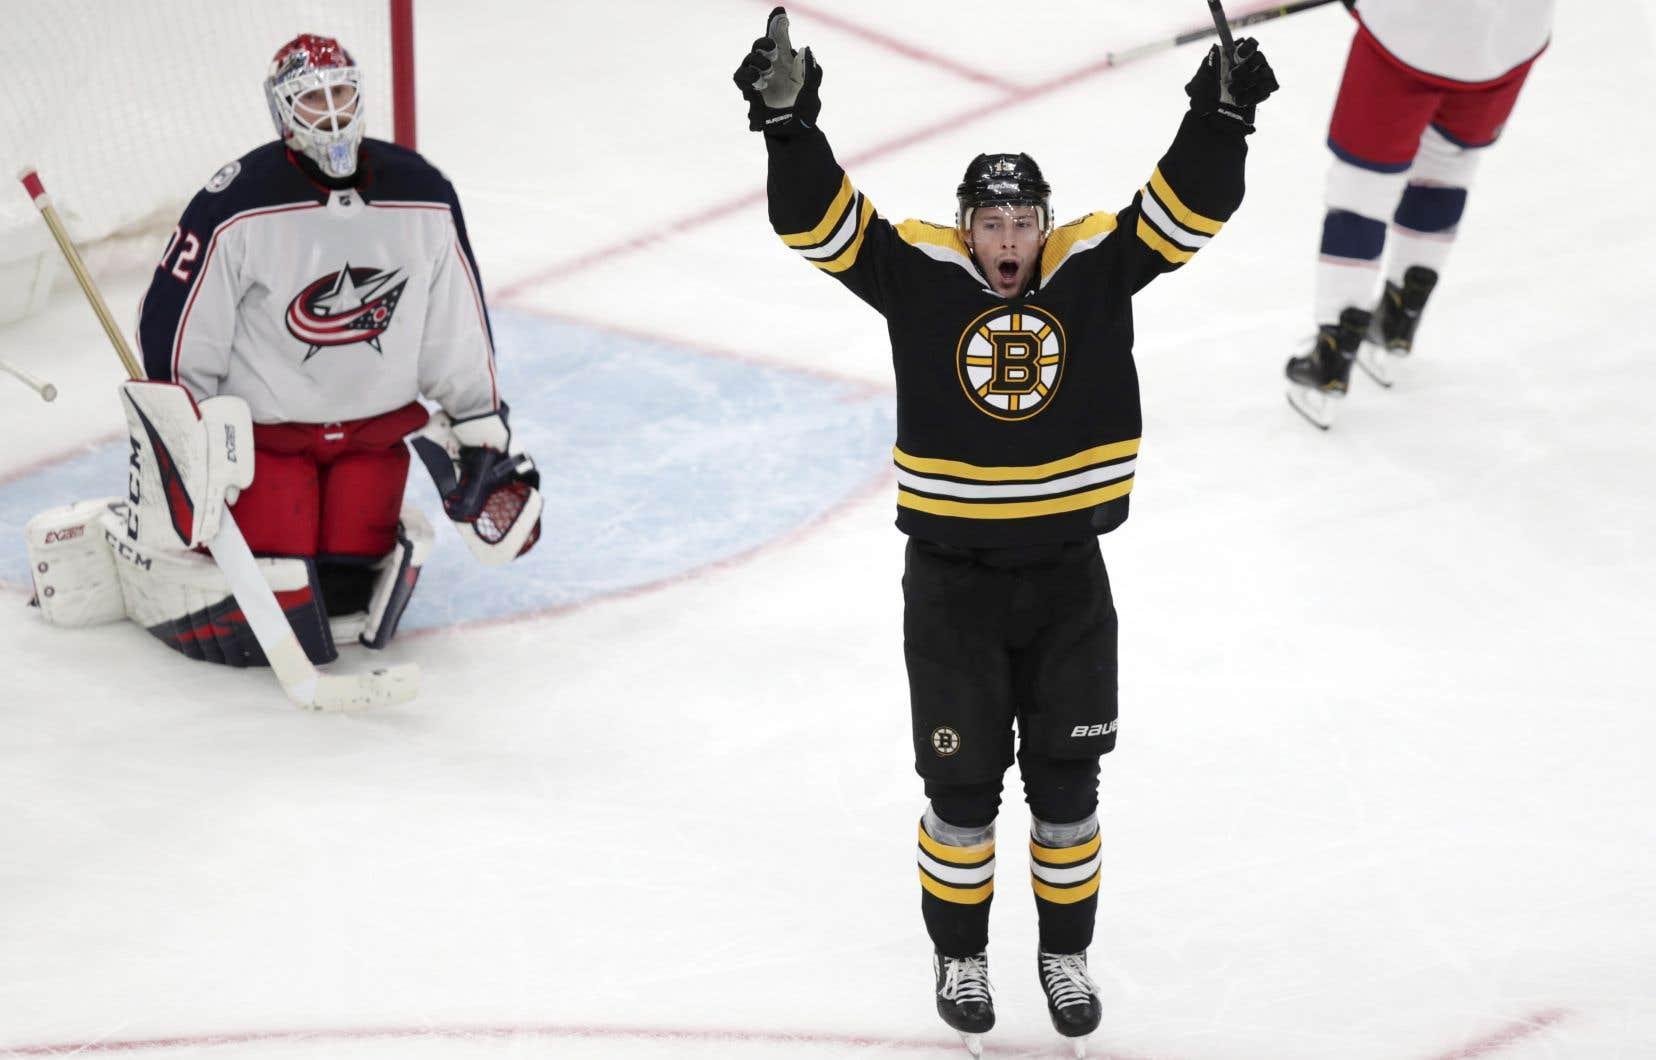 Charlie Coyle, des Bruins, a marqué les 2 buts de la victoire en fin de match.